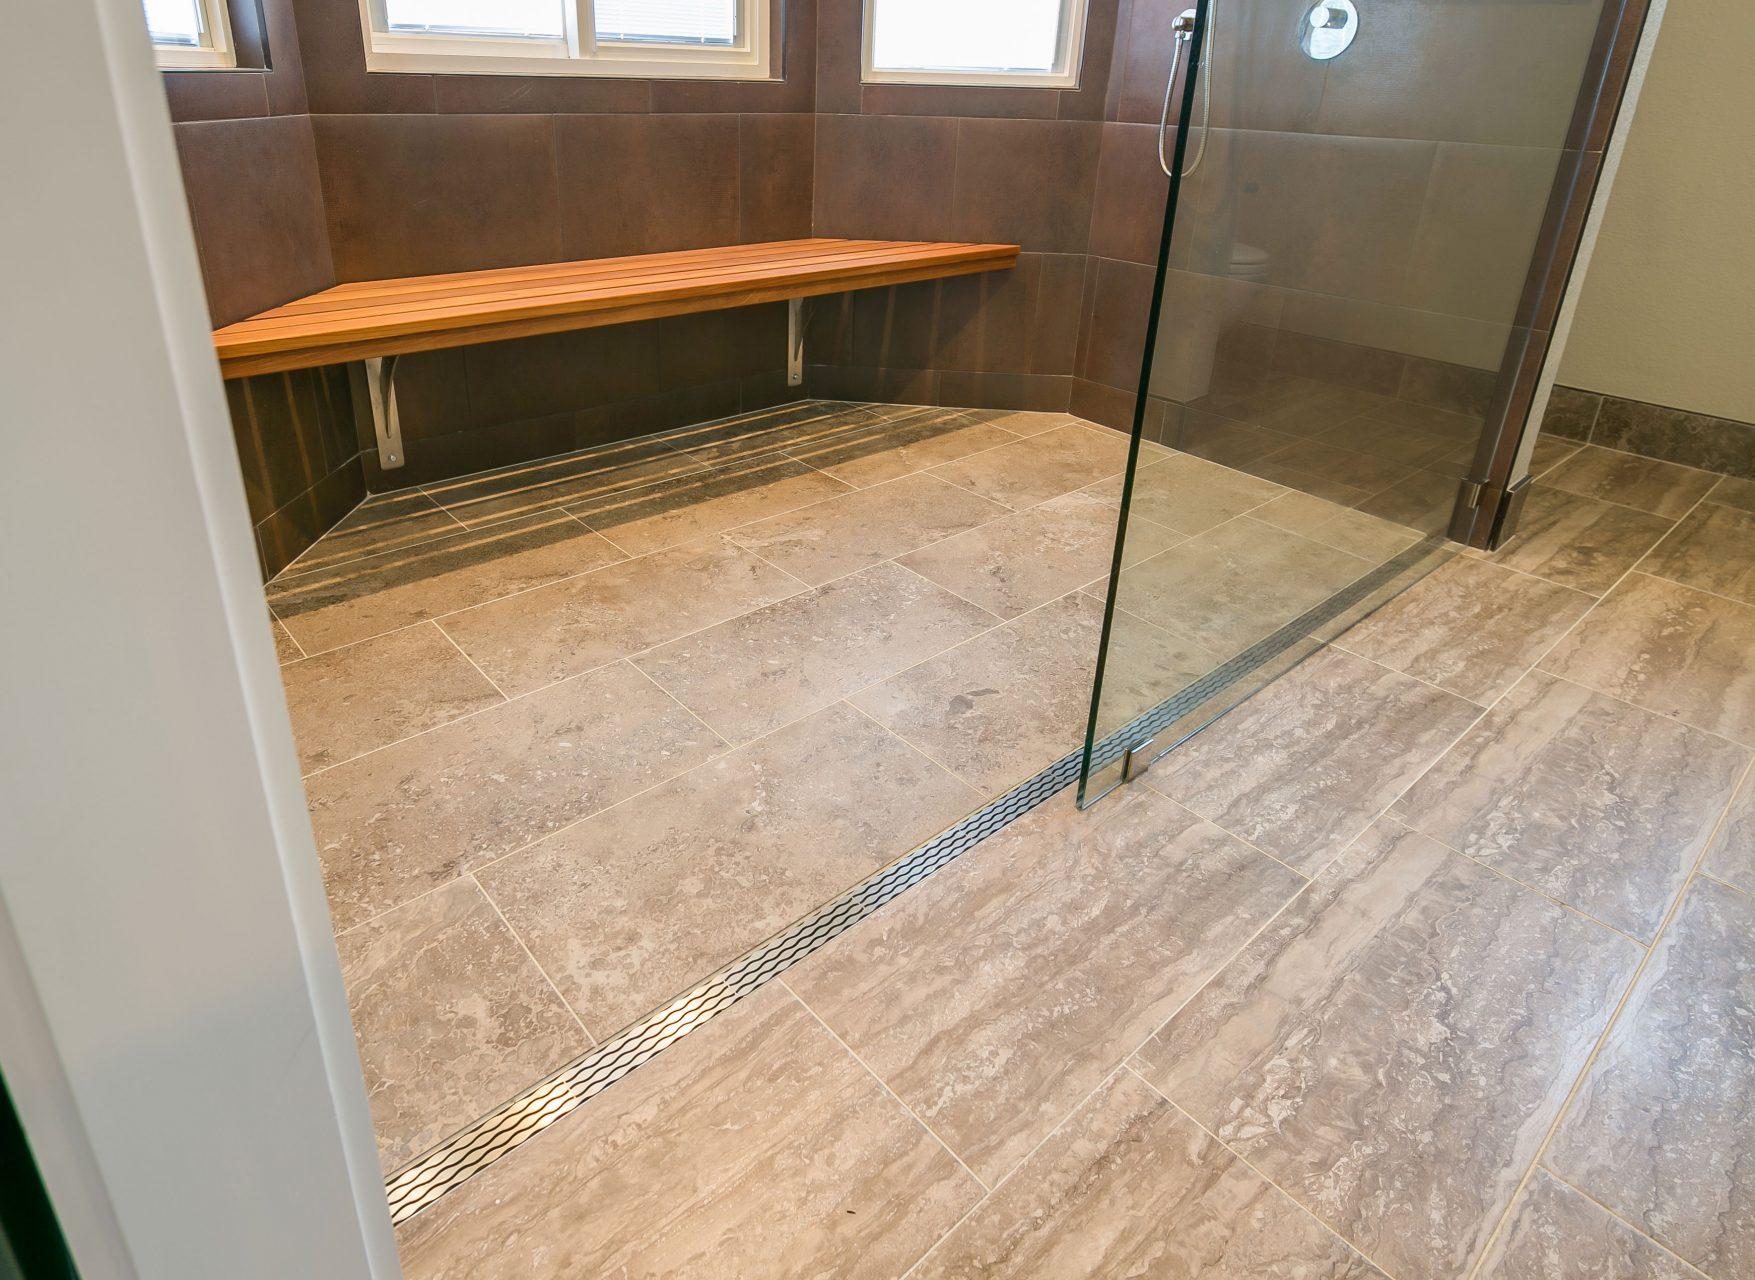 Remodeled bathroom floor